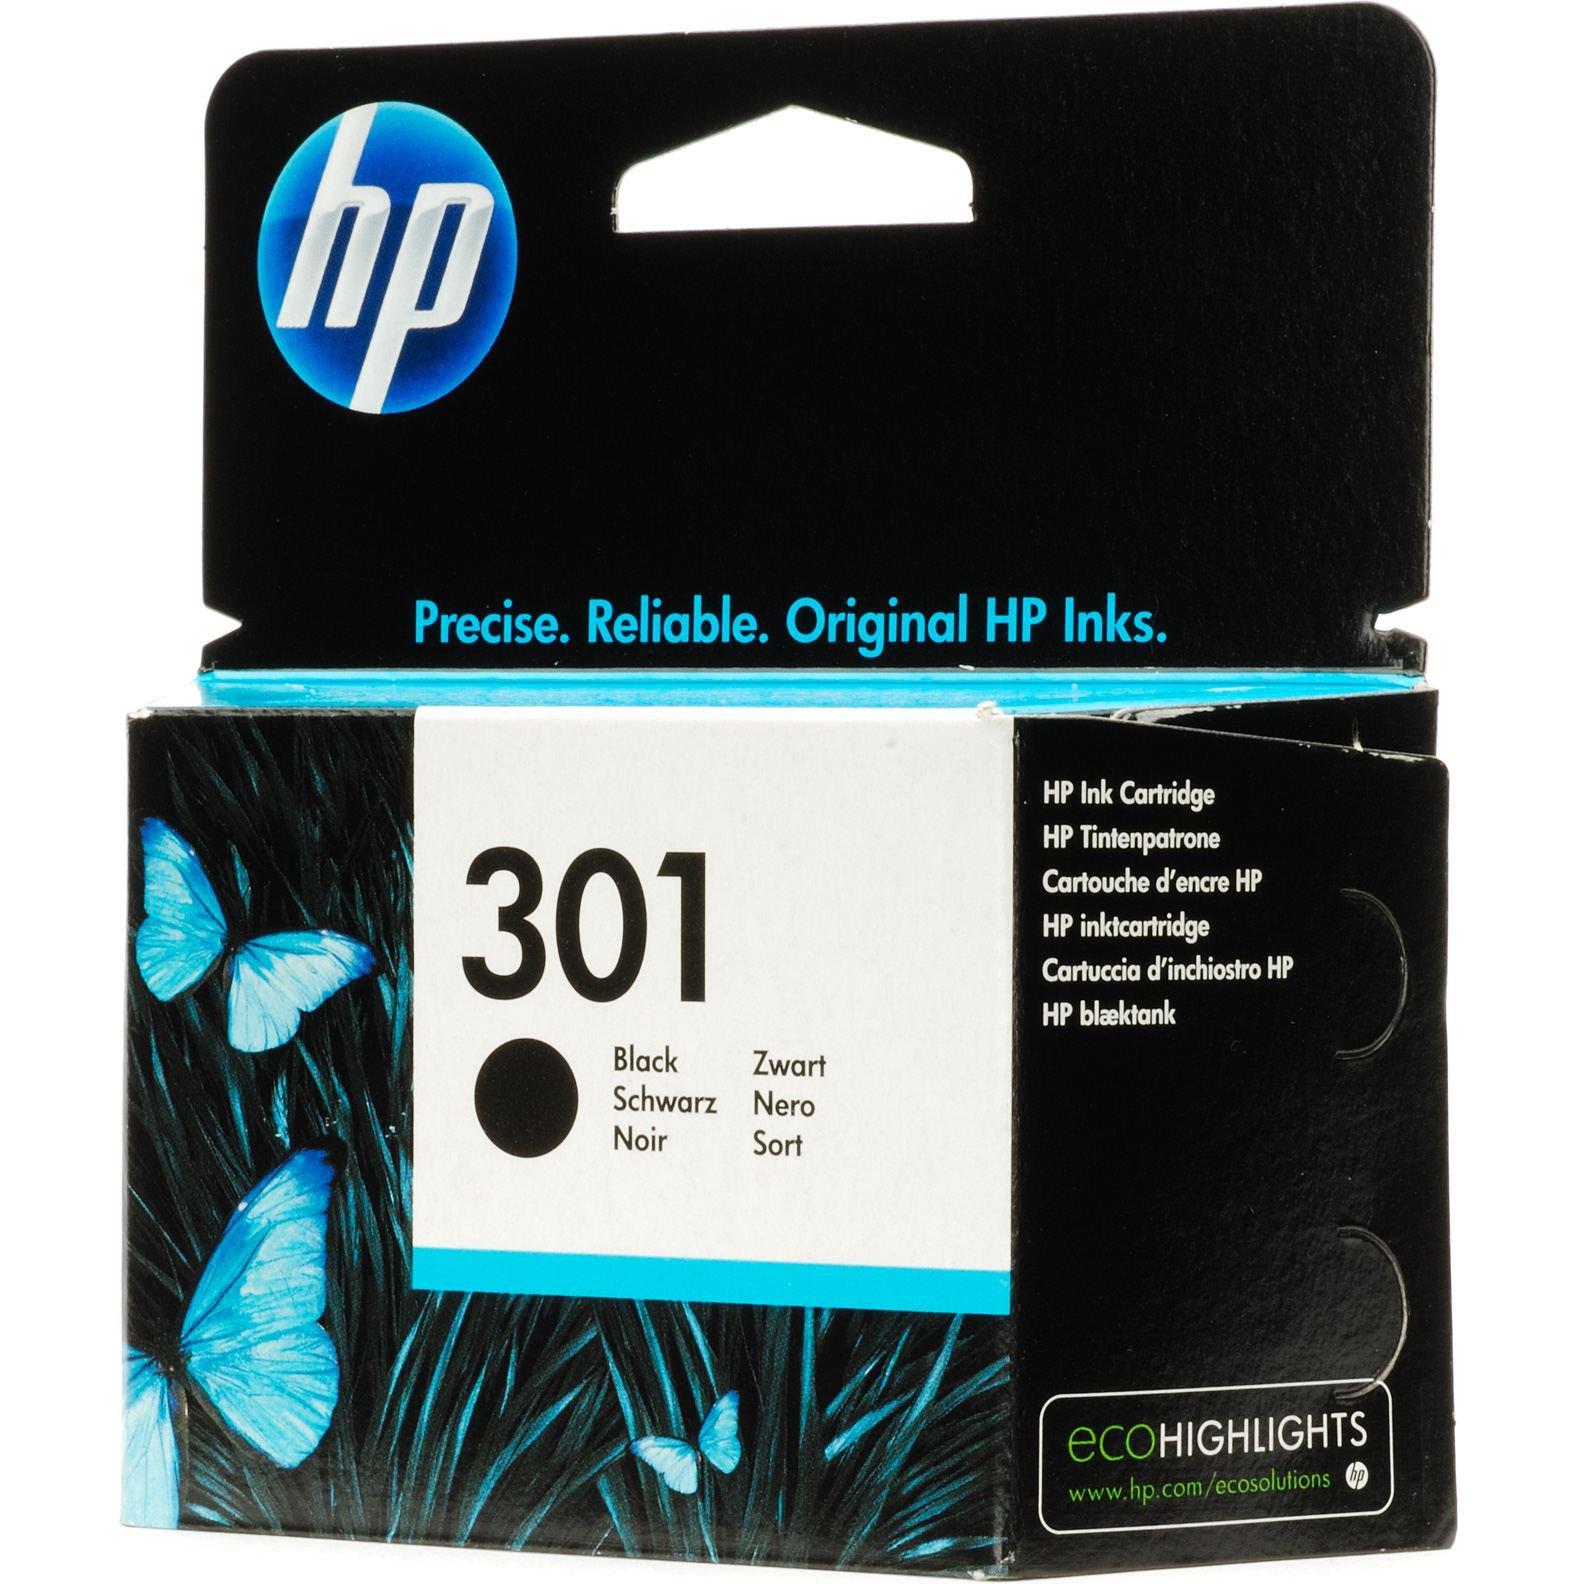 HP INK 301 Black